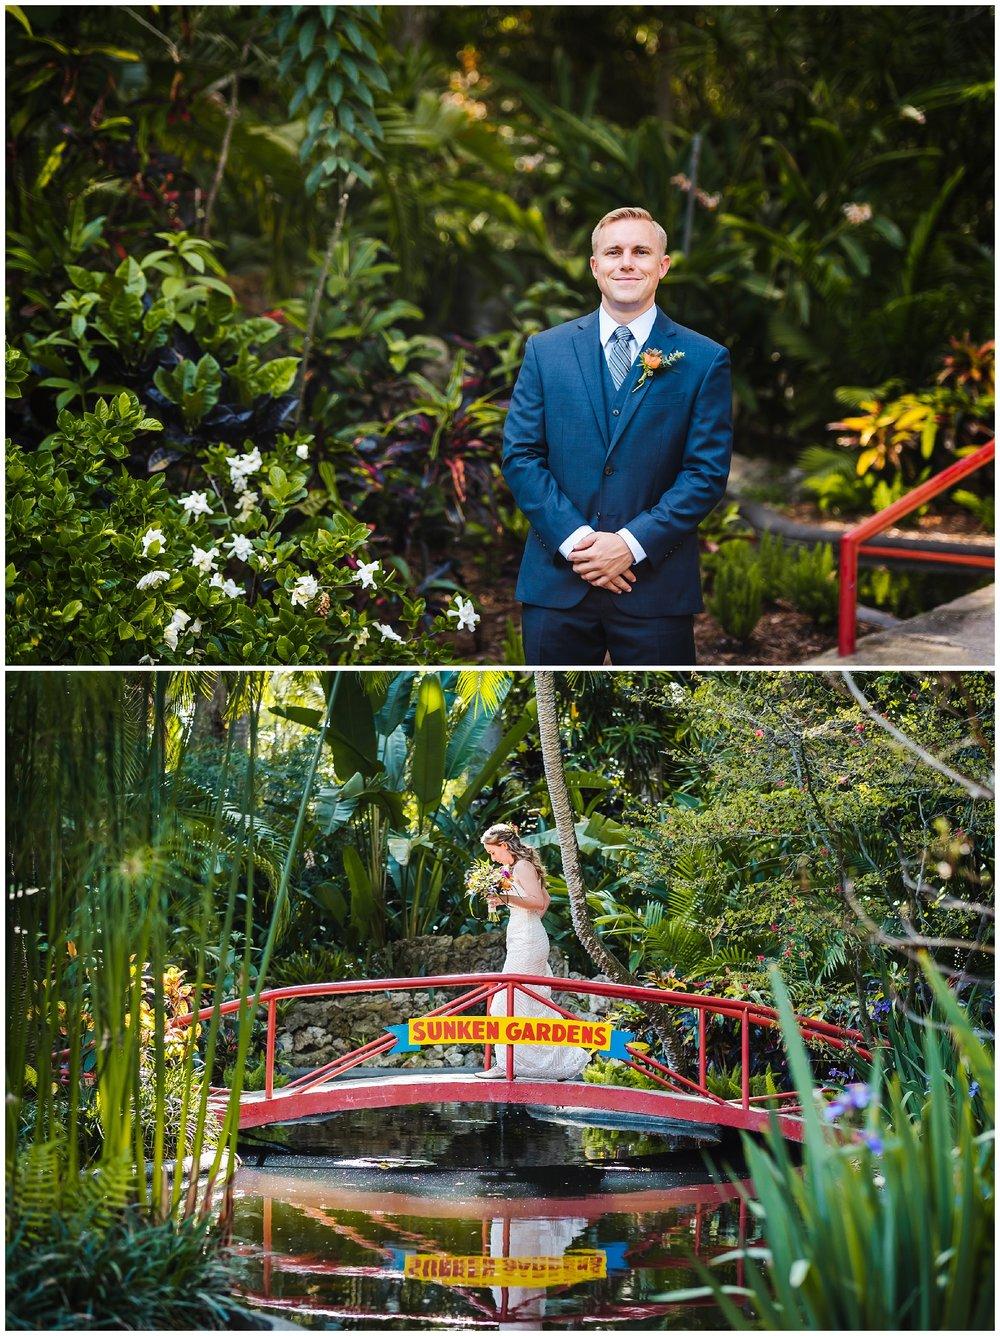 st-pete-wedding-photographer-post-card-inn-sunken-gardens-hawaiian-theme-dueling-pianos_0017.jpg